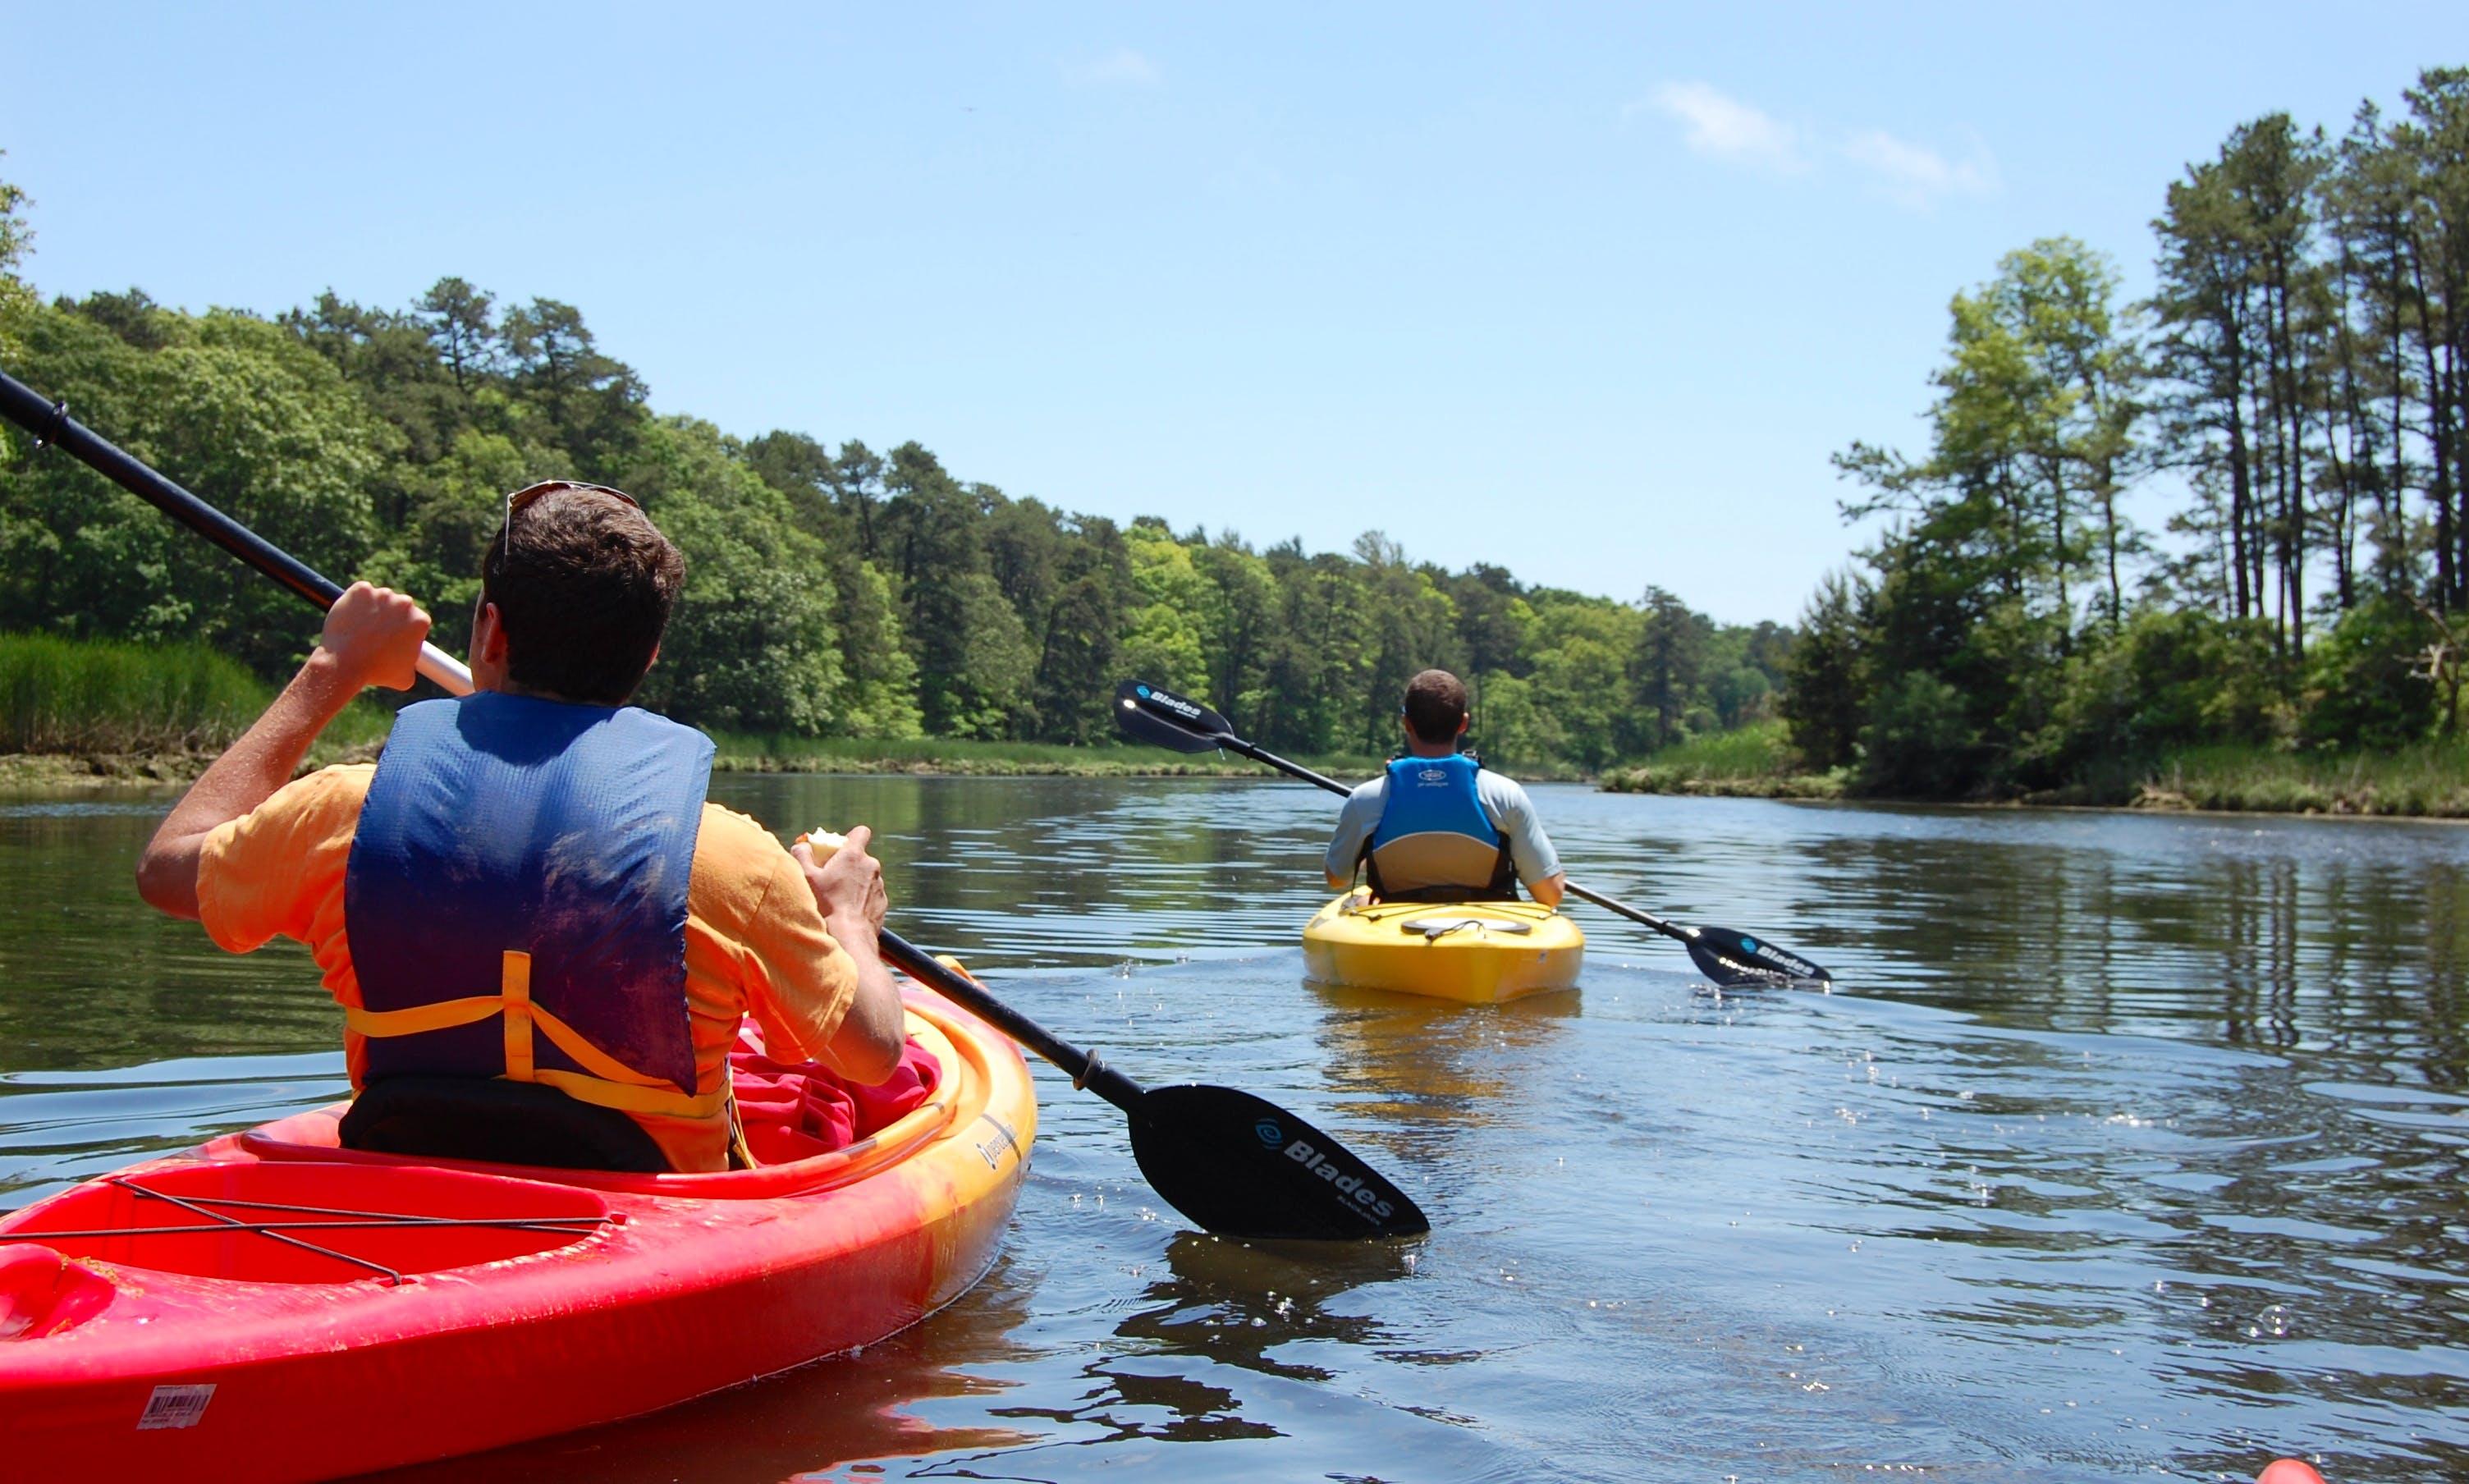 Single Kayak Rental In Sandwich